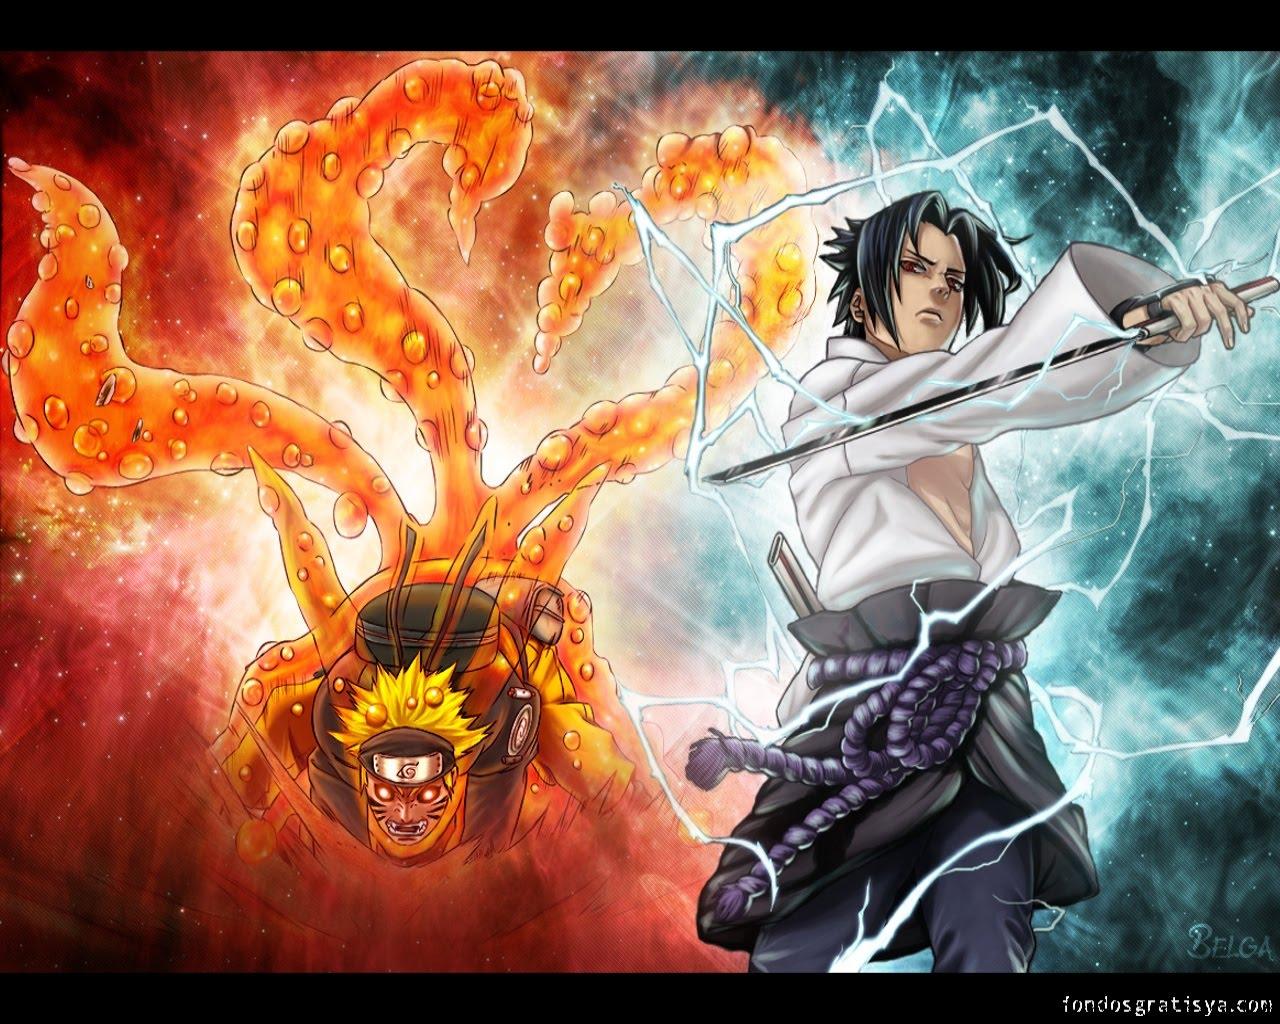 Storia di una forte individualit naruto e sasuke - Demon de sasuke ...